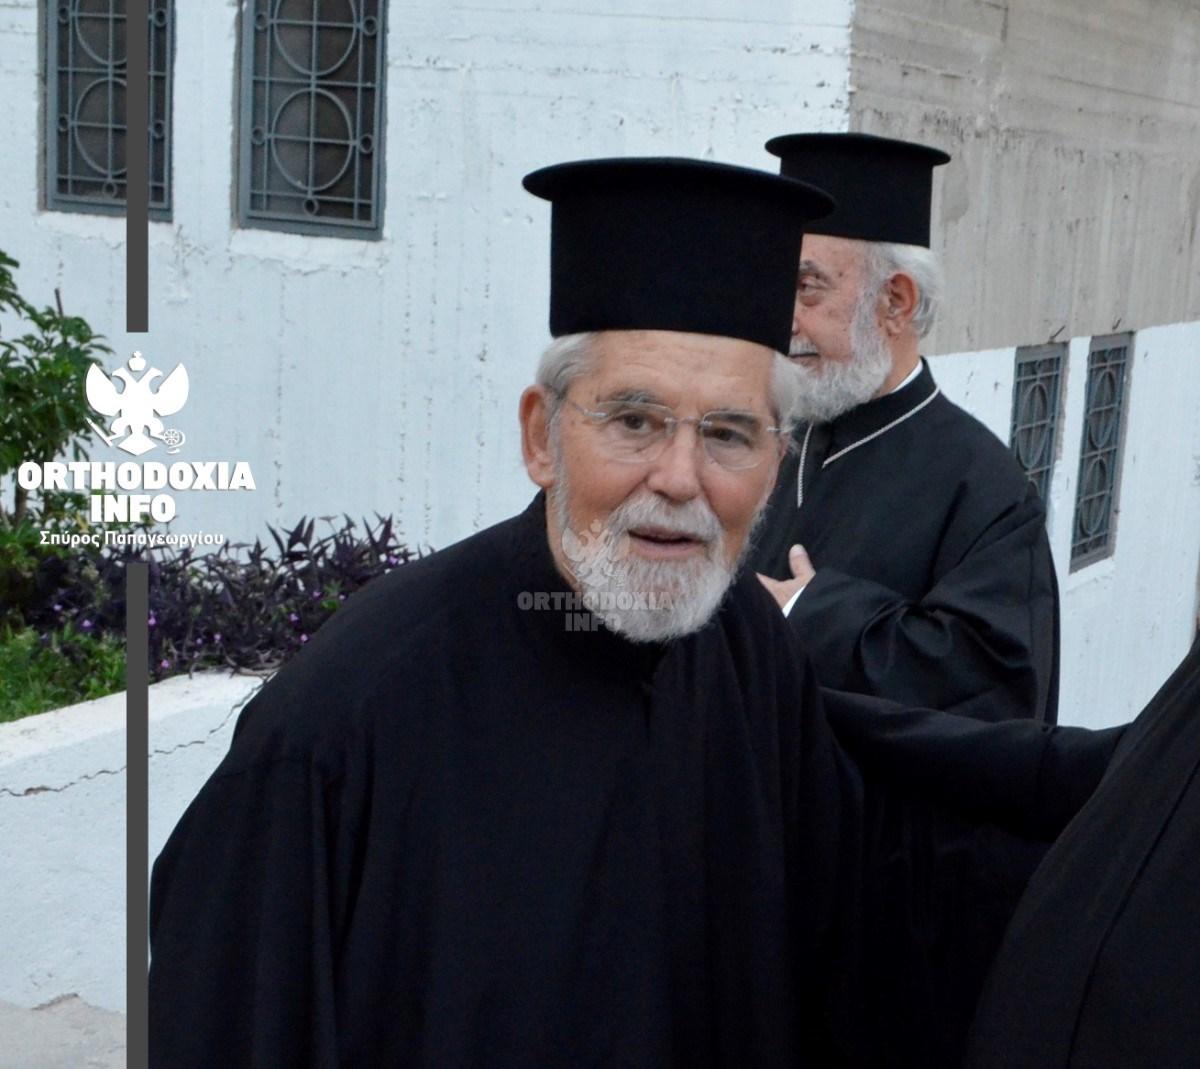 Έχασε τη ζωή του στις φονικές πυρκαγιές και ο Αγρινιώτης ιερέας Σπυρίδων Παπαποστόλου